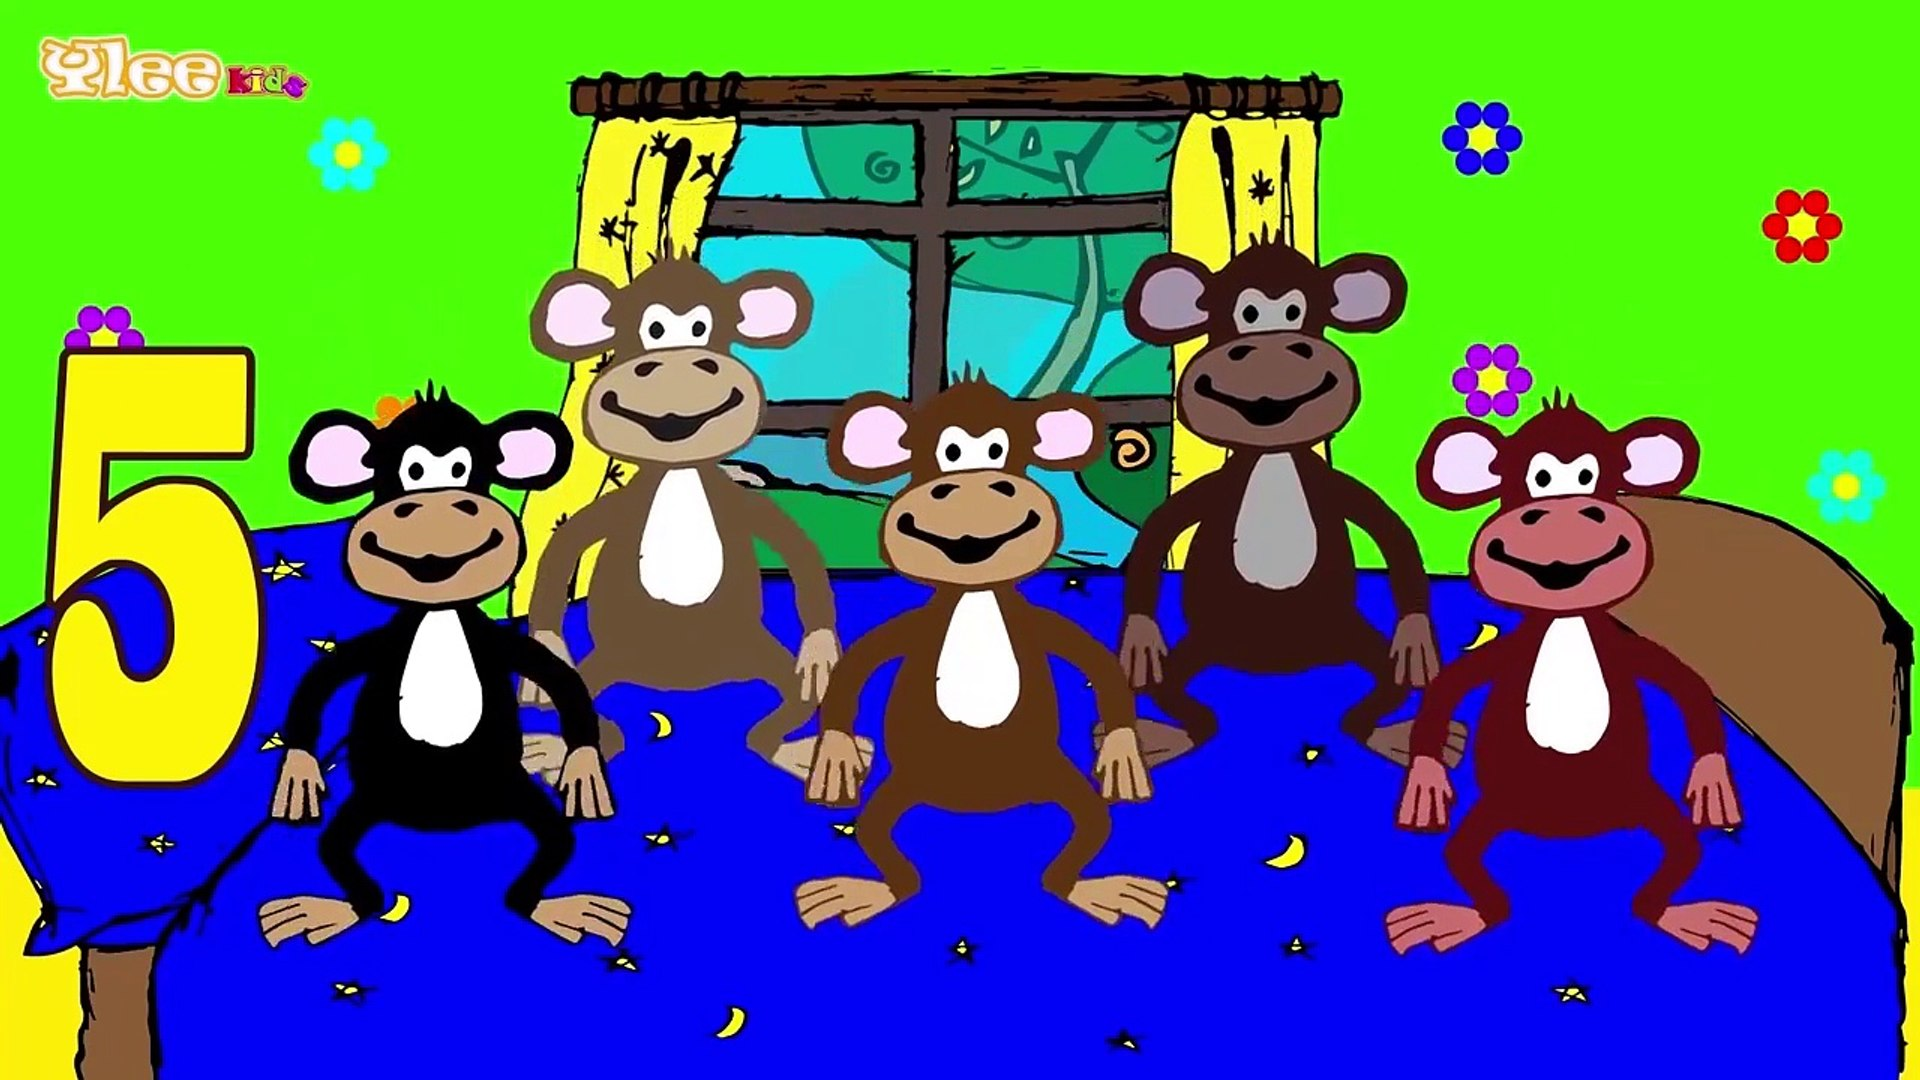 Cinque Scimmiette Saltavano Sul Letto.Cinque Scimmiette Five Little Monkeys Canzone Per Bambini Yleekids